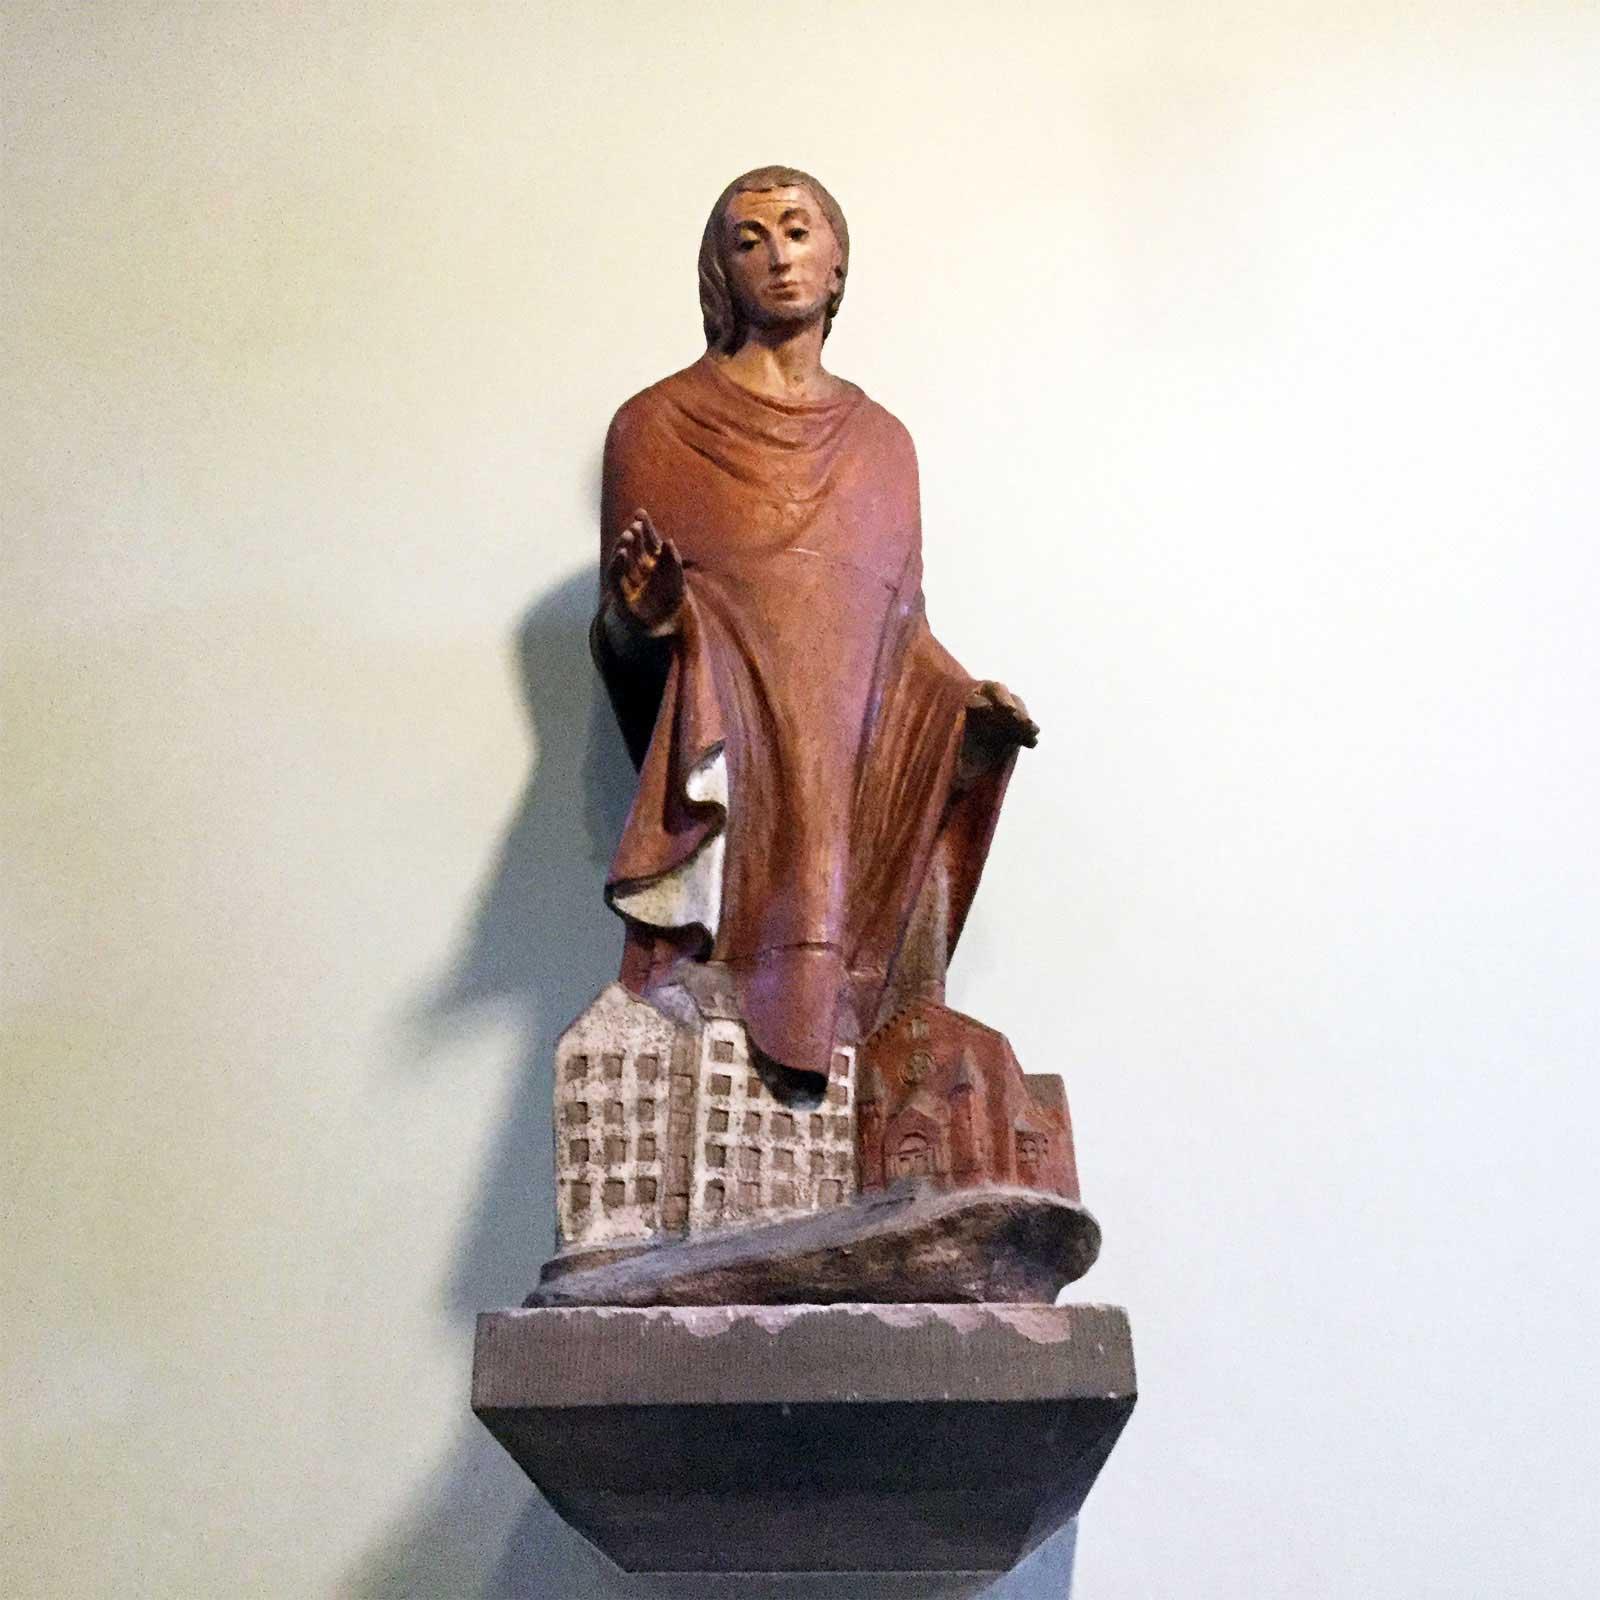 Seniorenzentrum-Bruder-Konrad-Stift-Mutterhauskirche-Marienschwestern-Statue